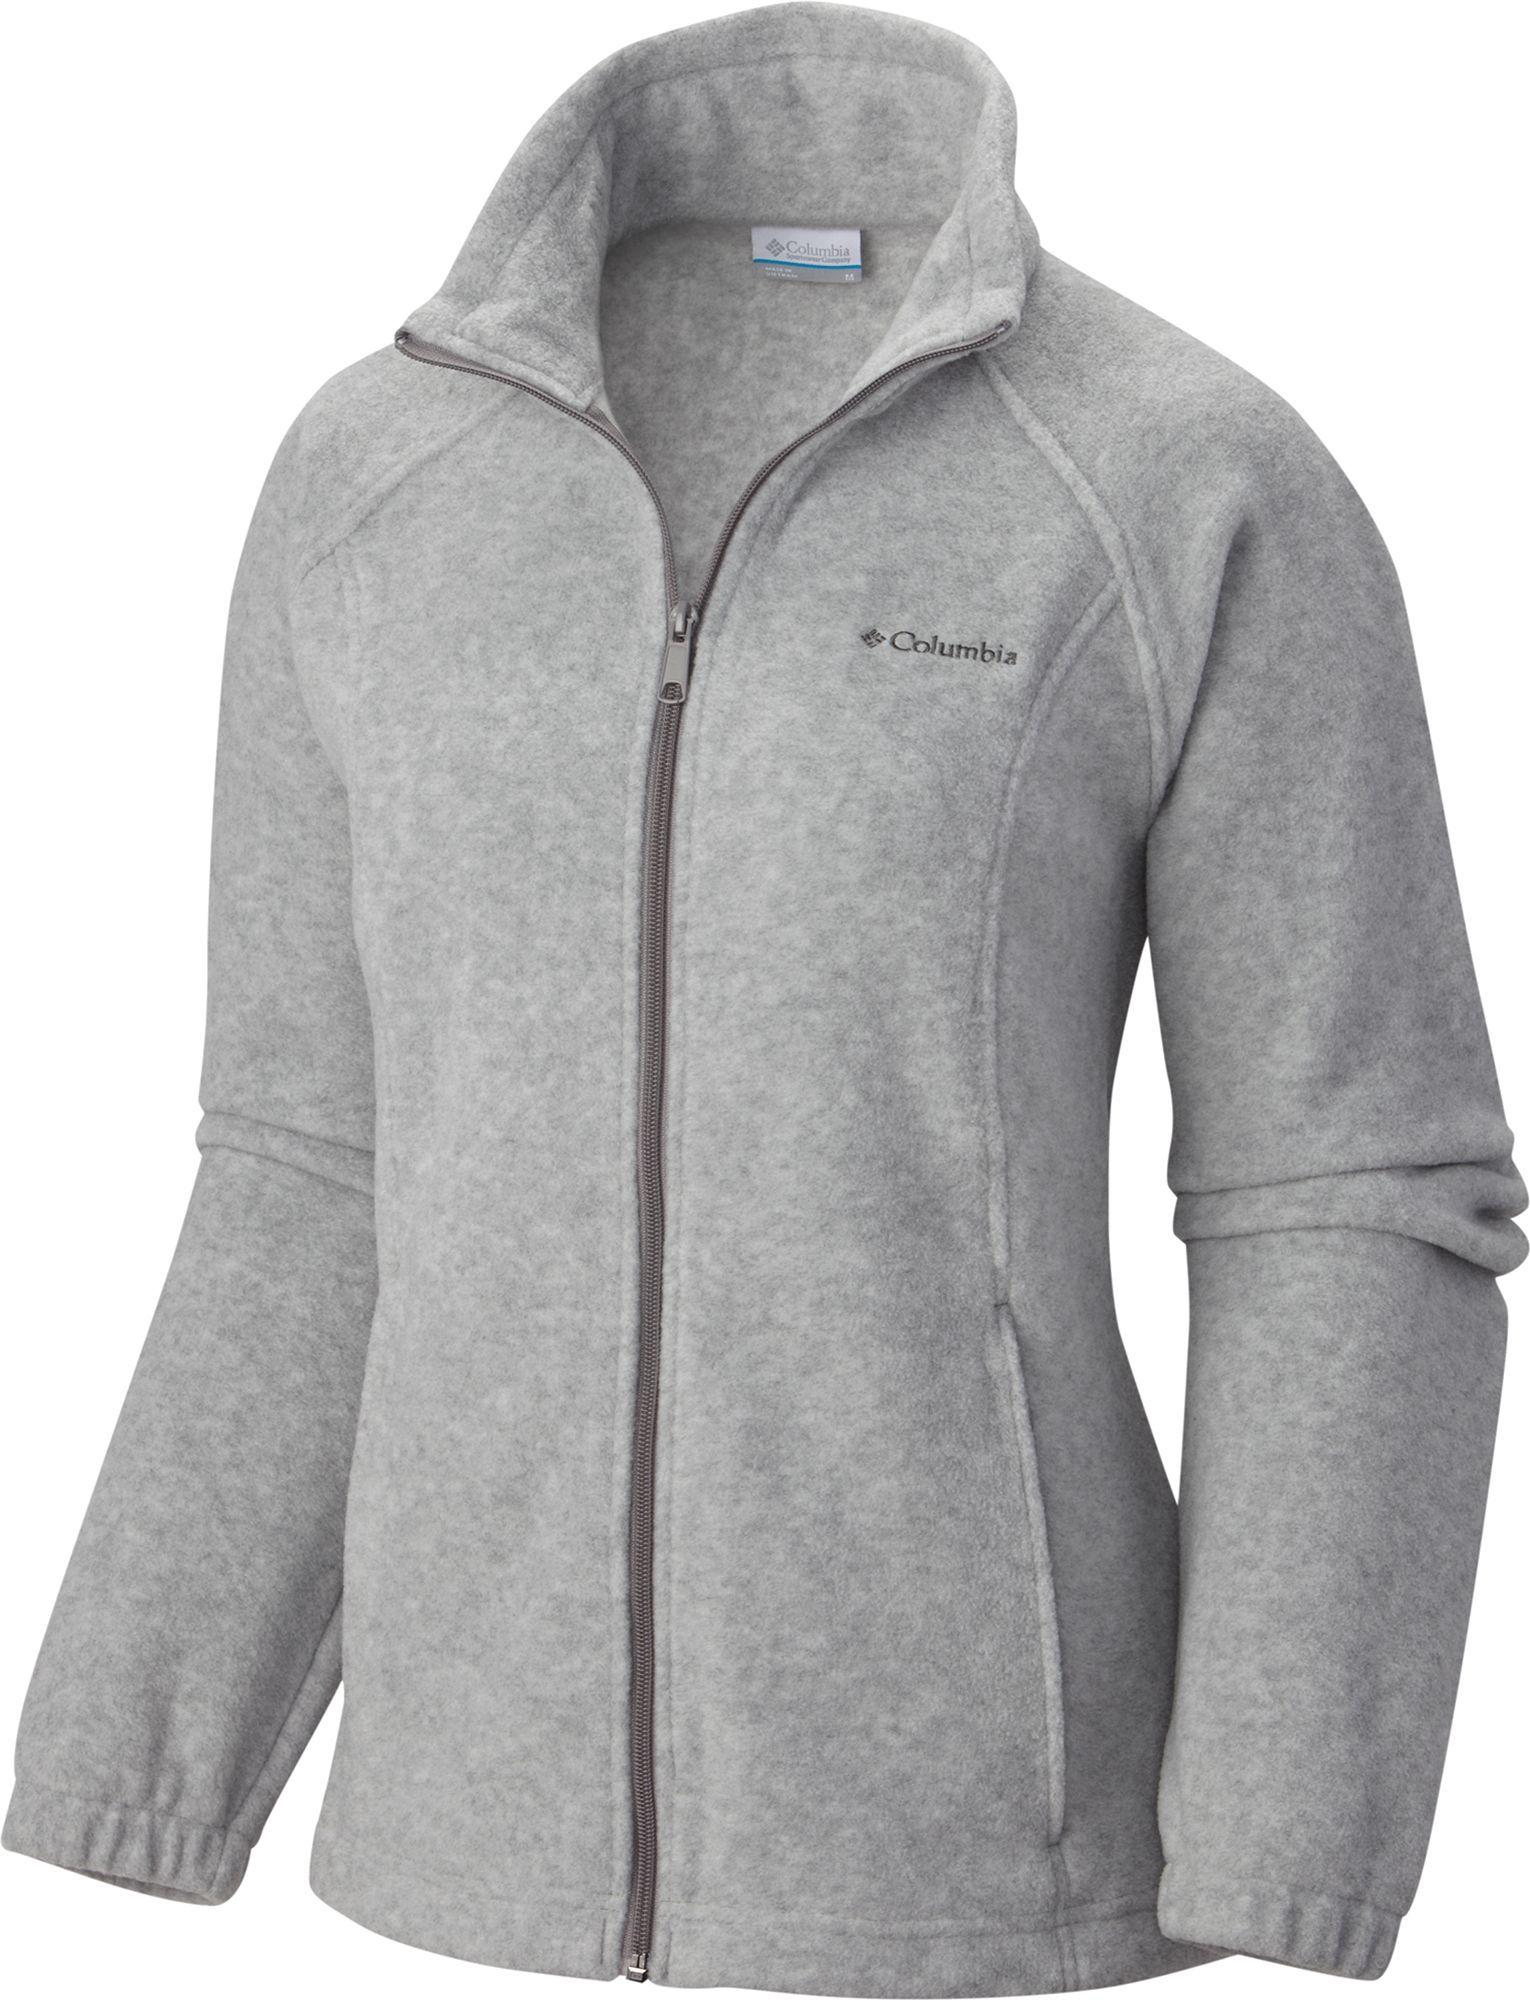 c39bc6a93d Columbia Women s Benton Springs Full Zip Fleece Jacket